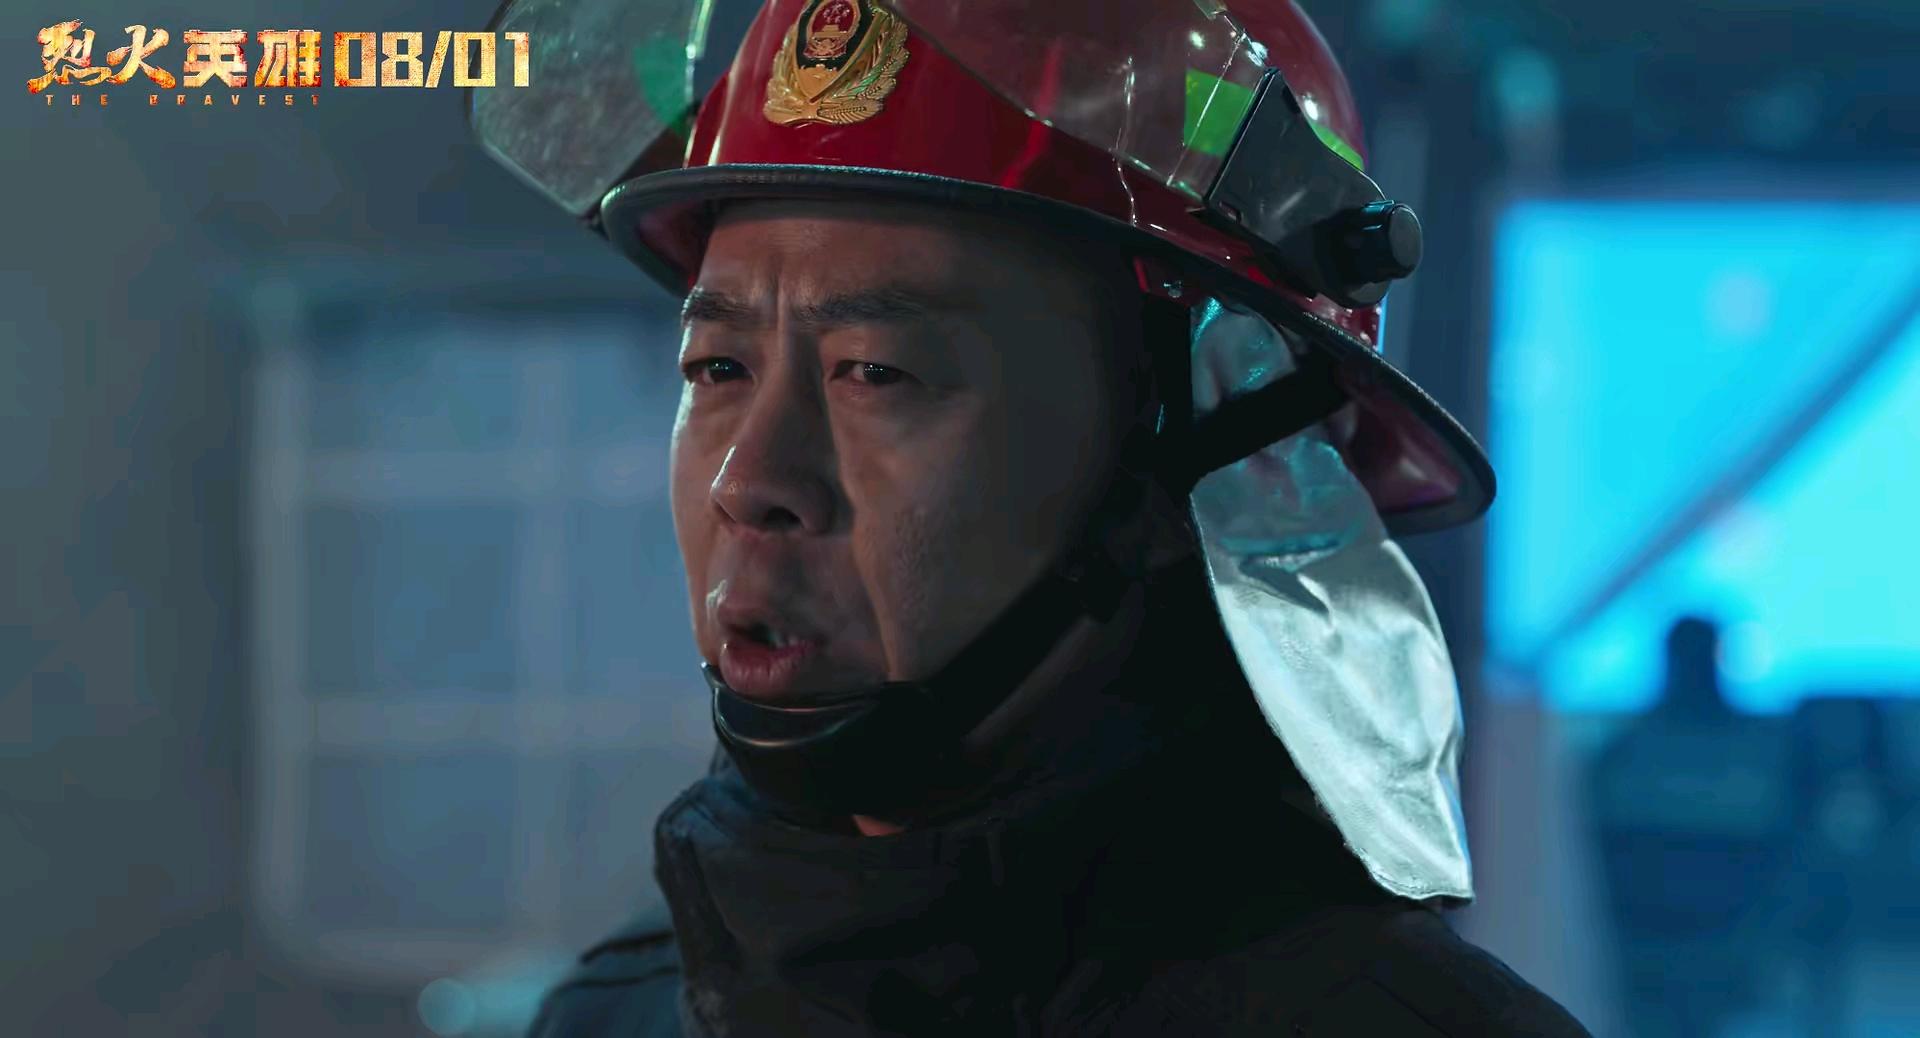 《烈火英雄》票房持续走高,黄晓明演技回归,杜江三场哭戏太惊艳